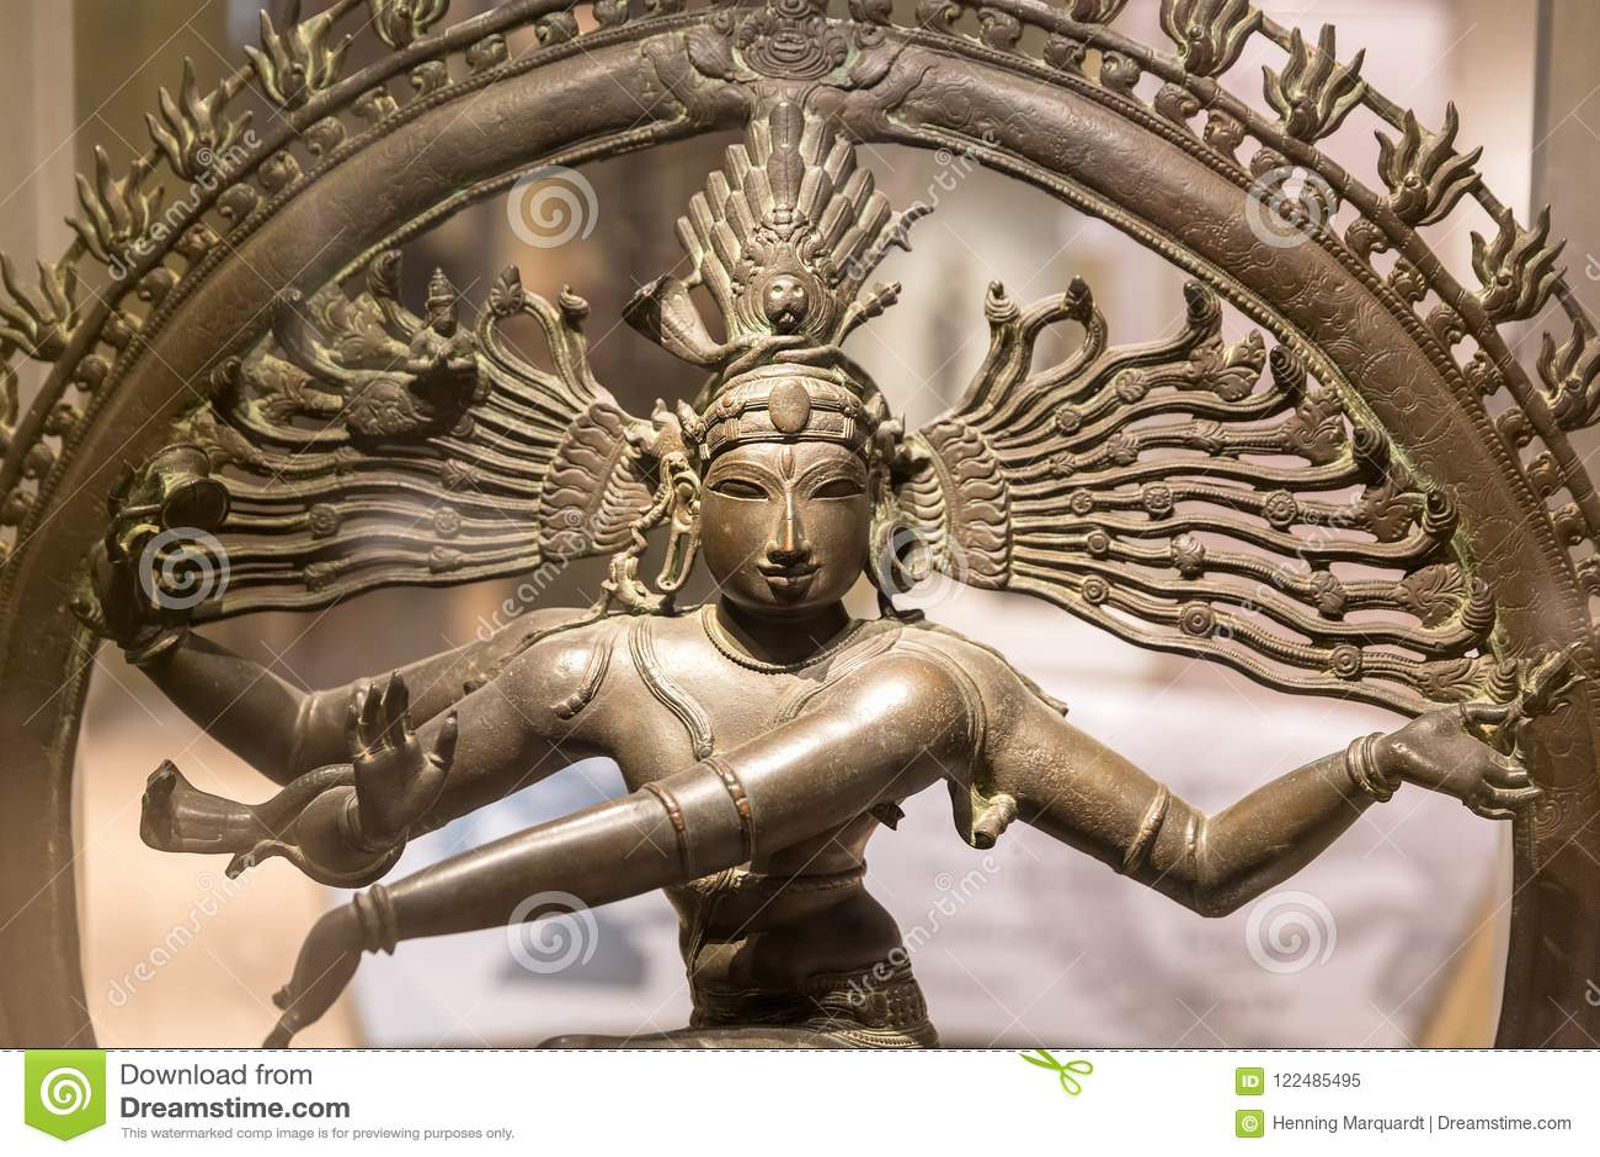 Sculpture de Nataraja, seigneur de la danse, New Delhi, Inde